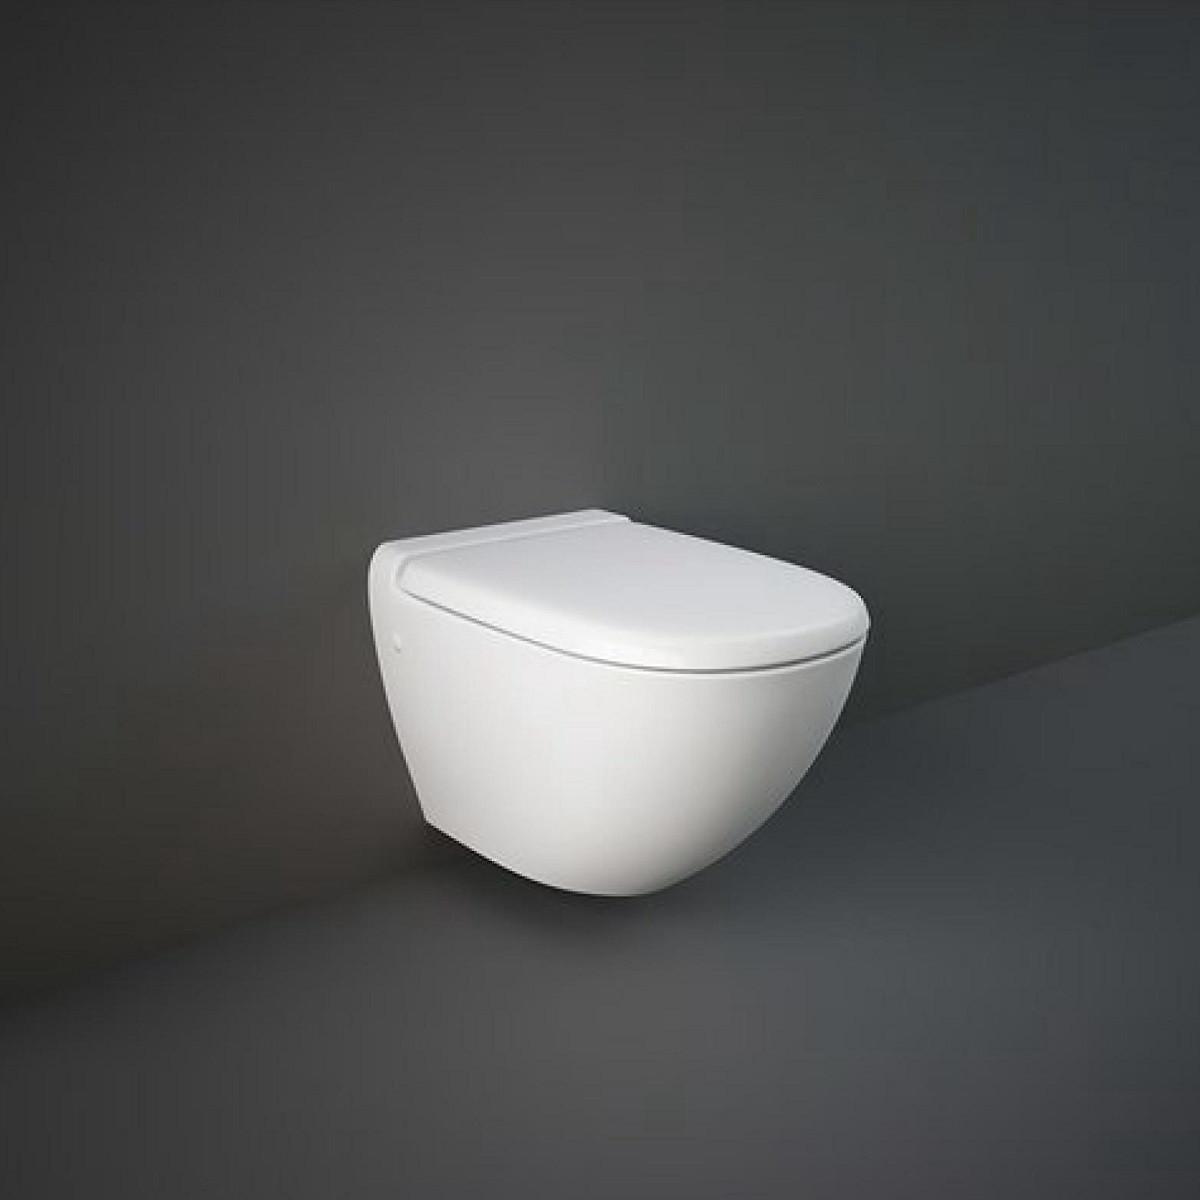 Унитаз безободковый подвесной с сиденьем Soft Close RAK Ceramics Reserva